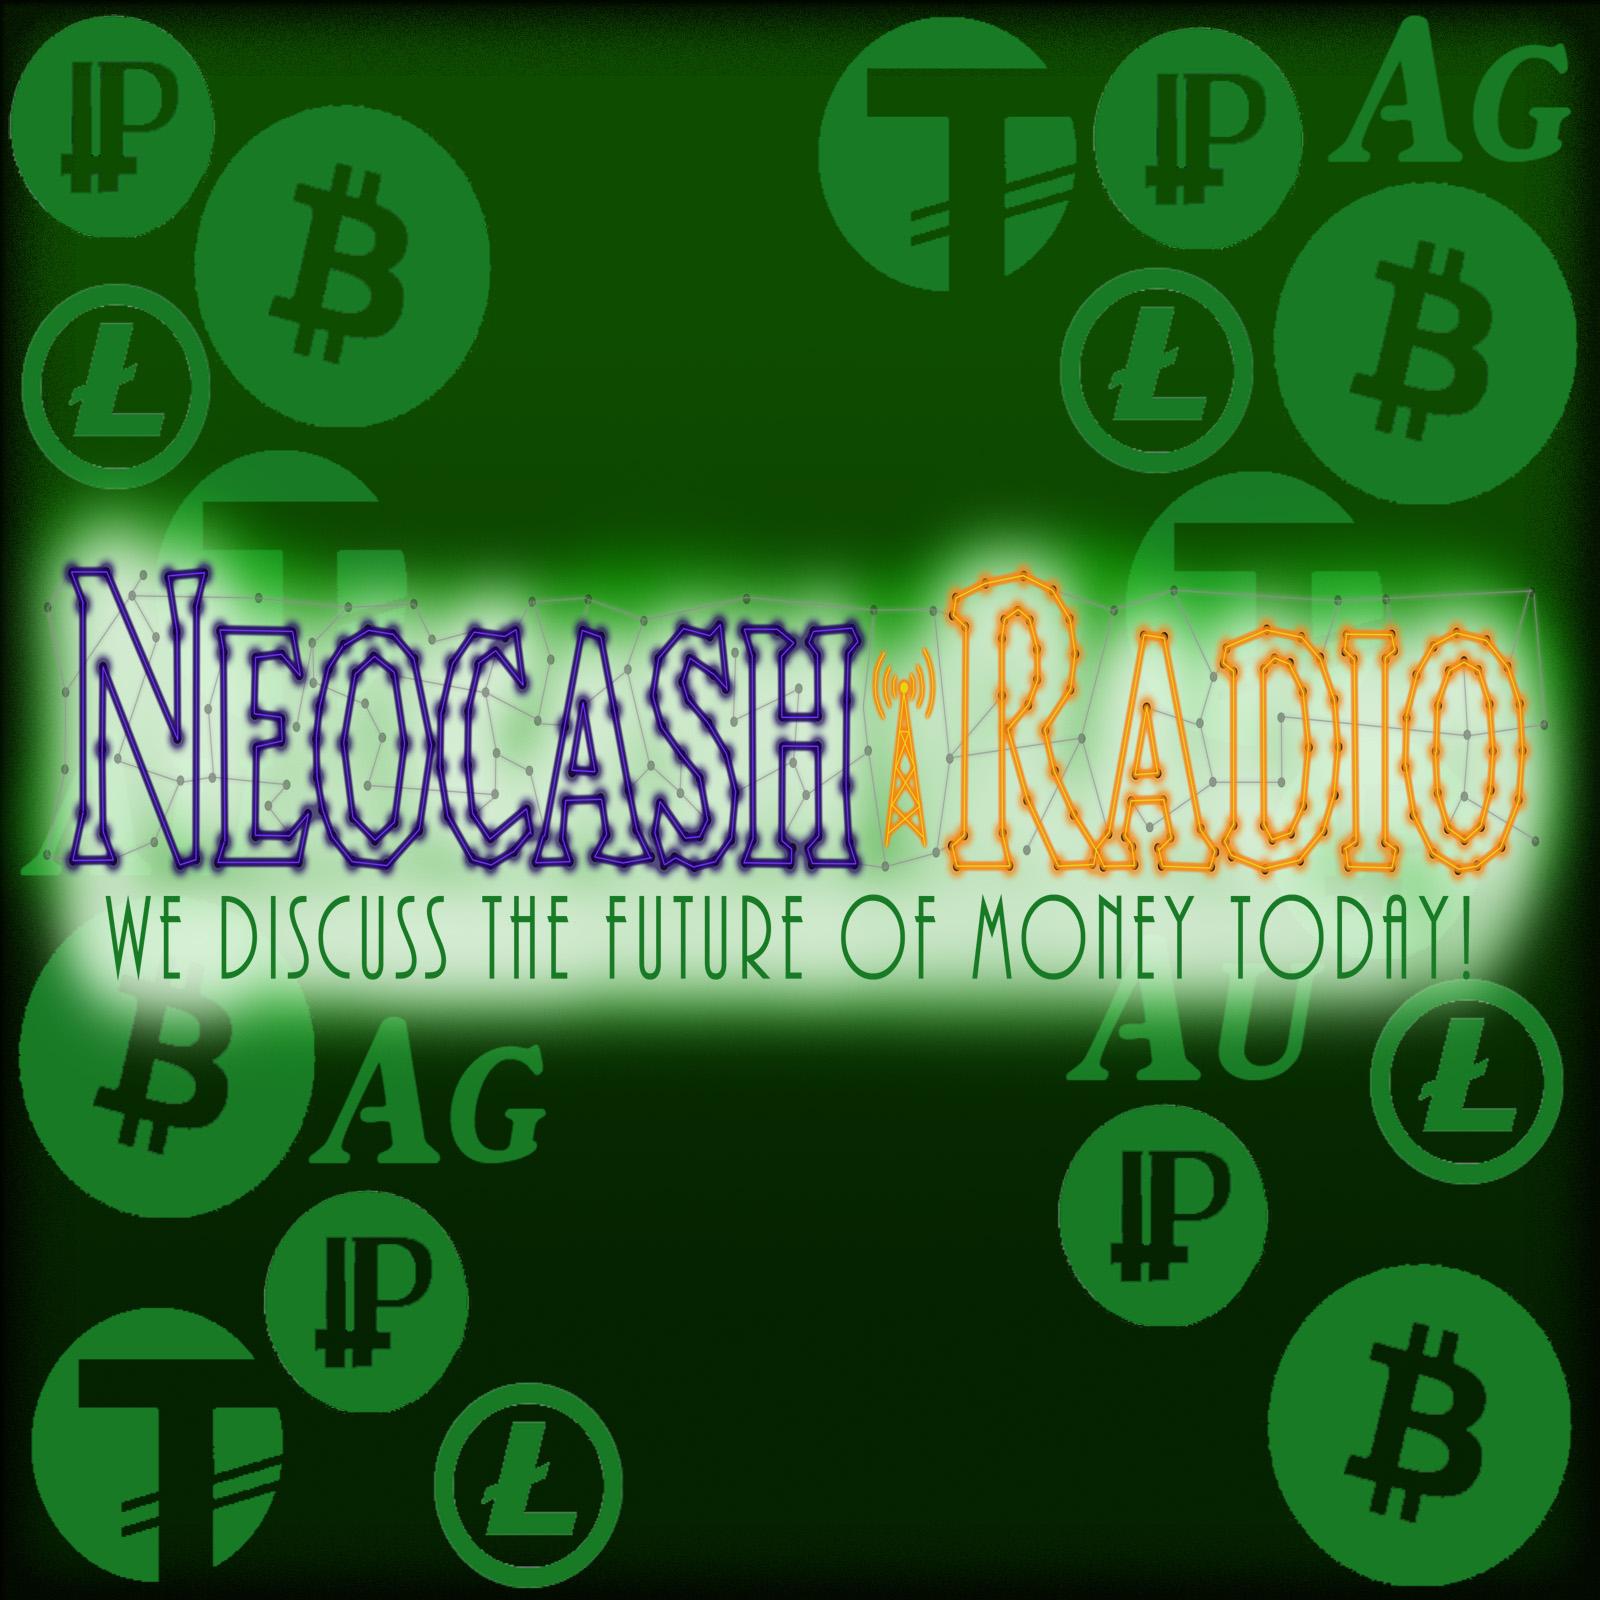 Neocash Radio - Episode 118